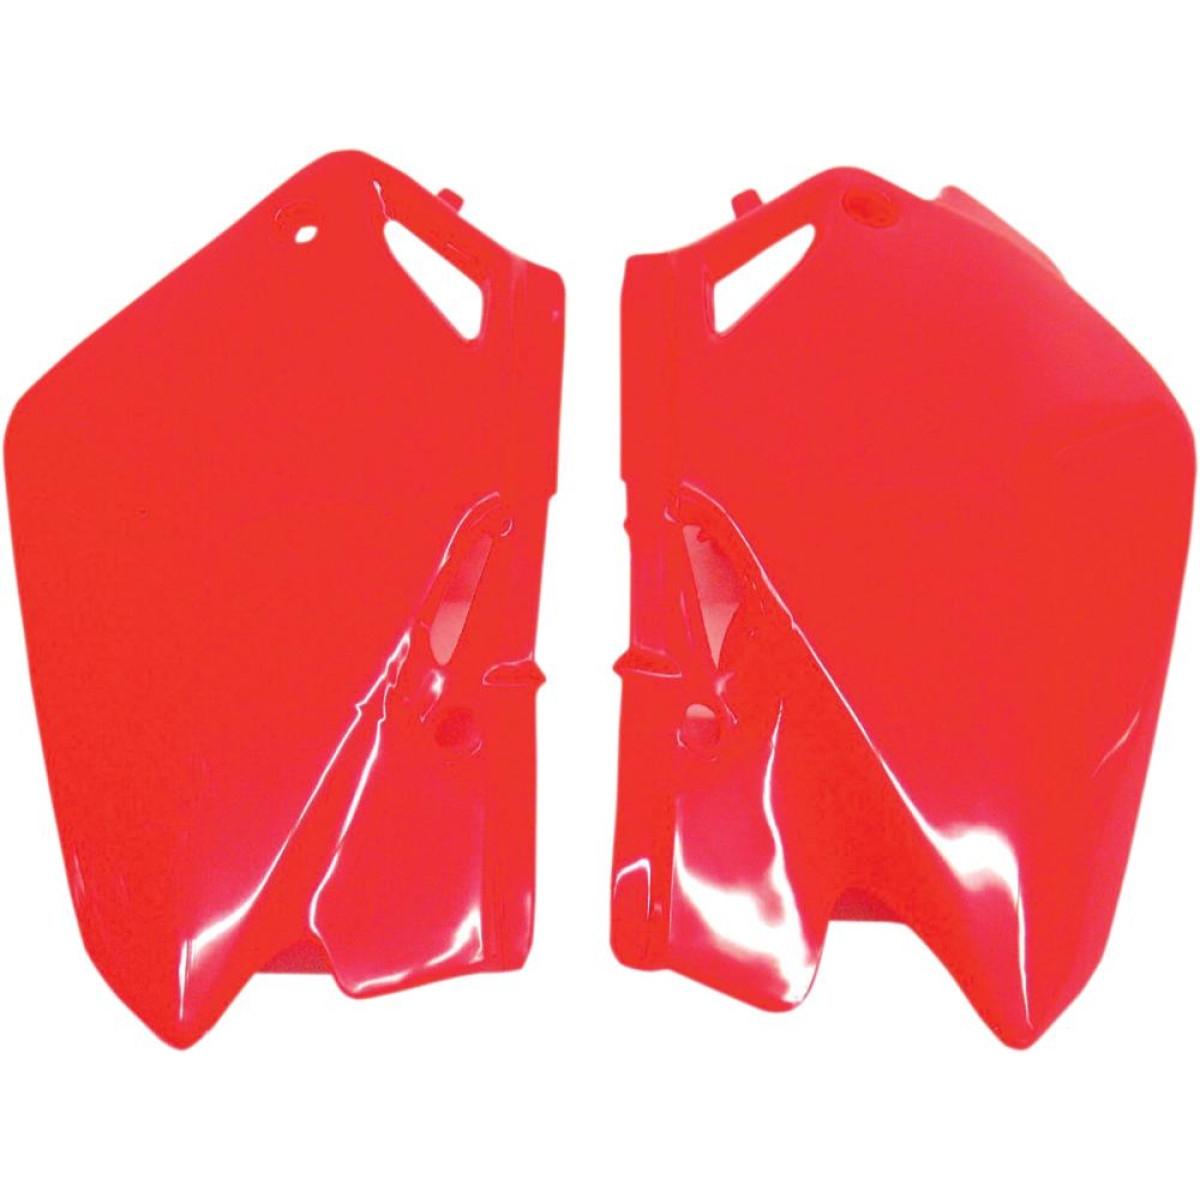 Plaques numéro latérales UFO Honda CR 85R 03-08 rouge (rouge CR/CRF 00